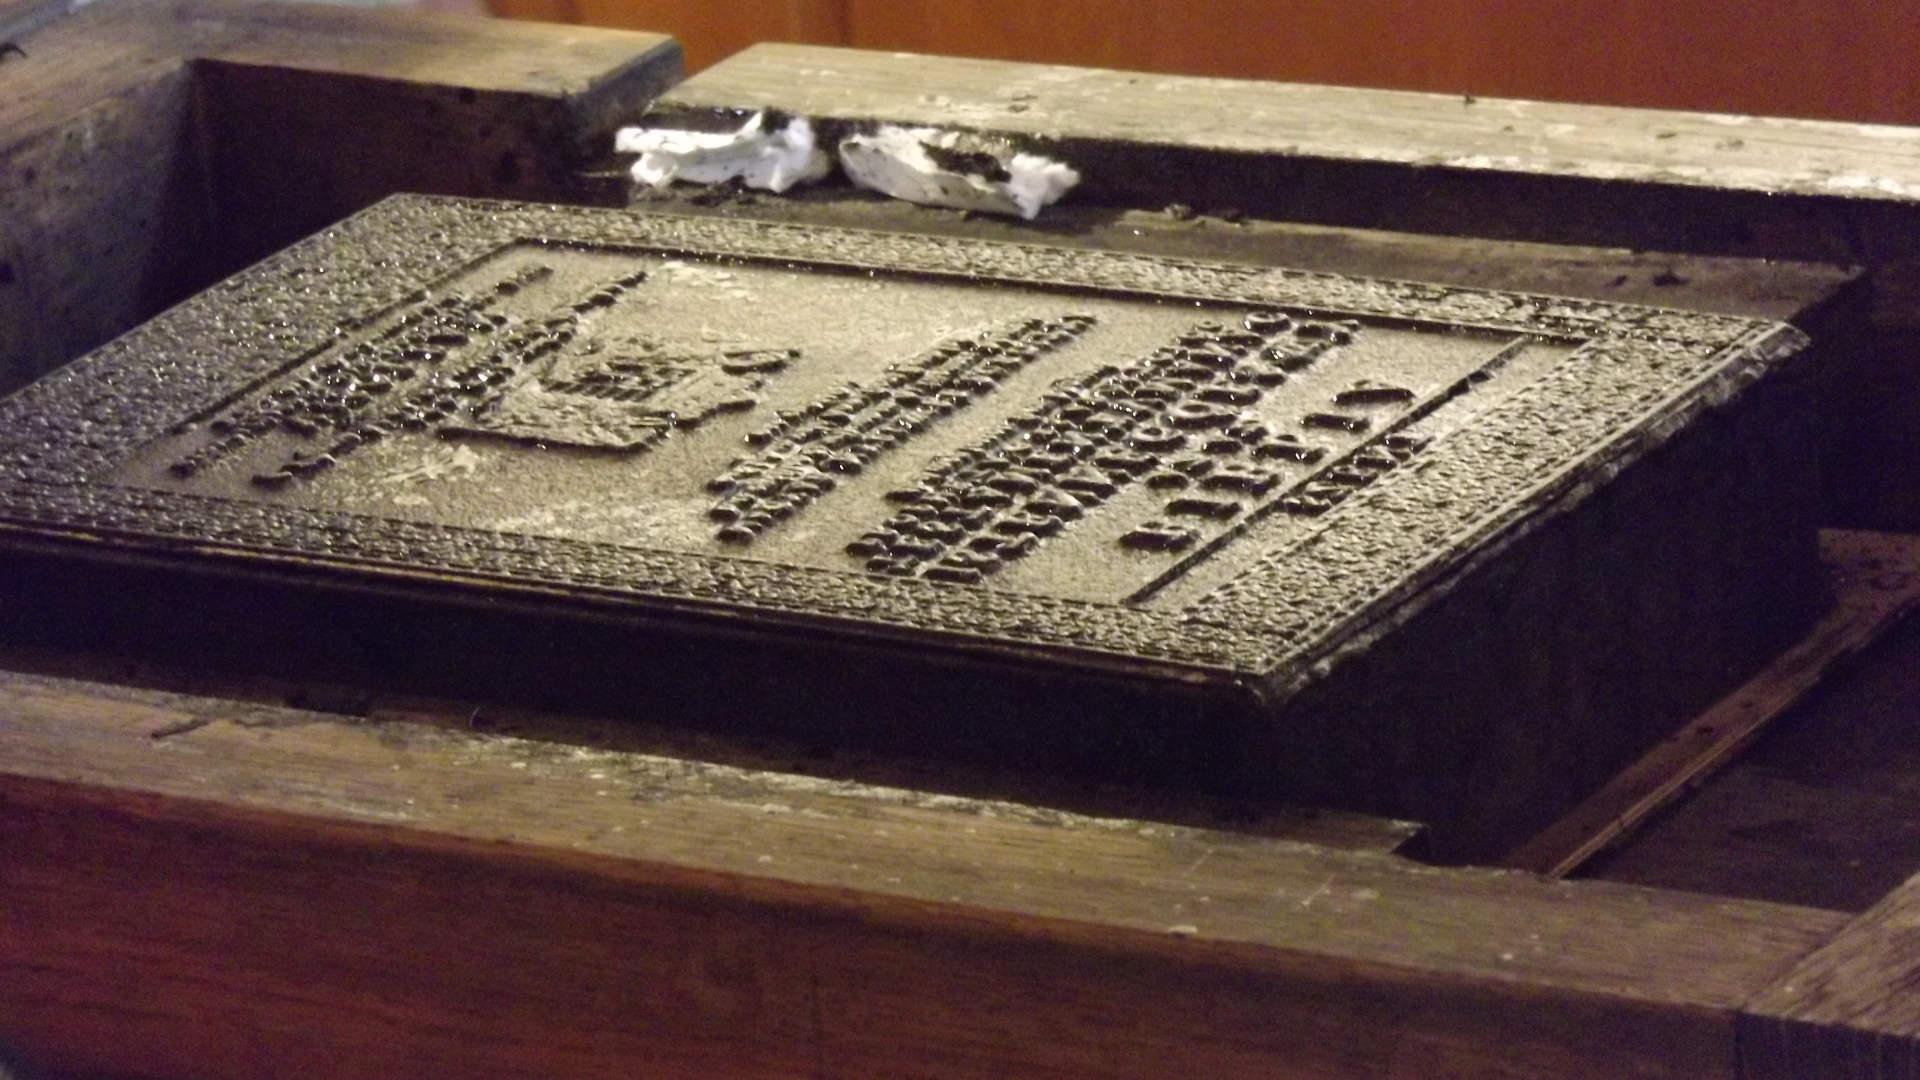 Vizsolyi Biblia, Hírek, érdekességek Zemplénben, Abaúji reformáció